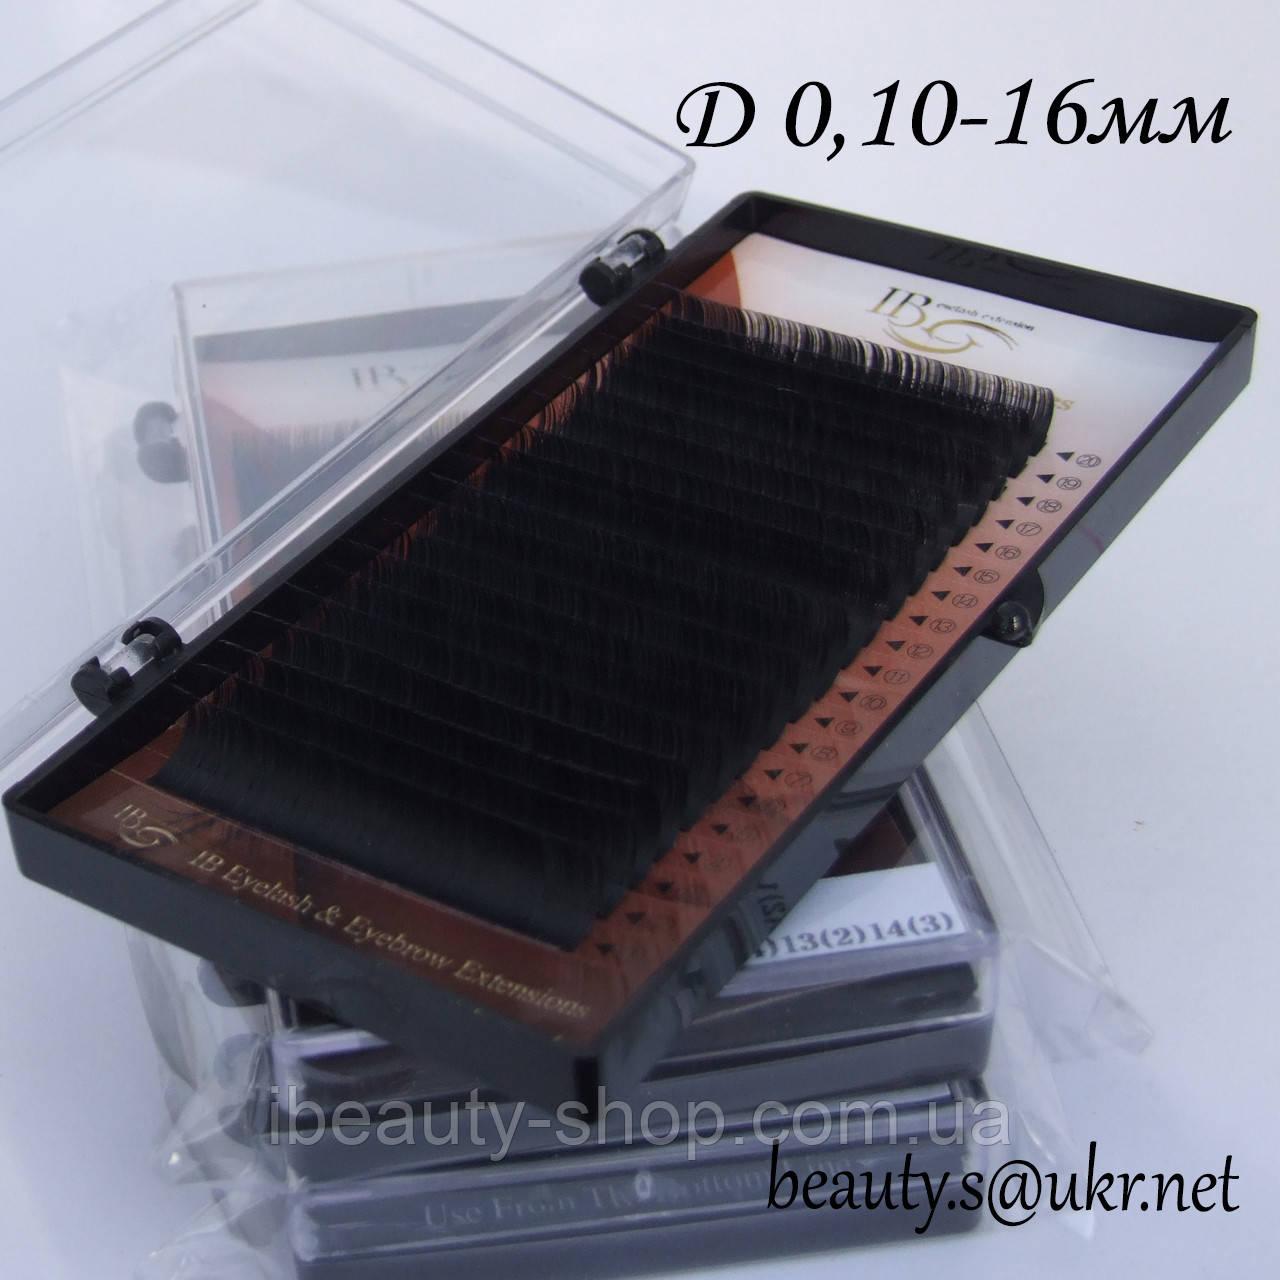 Ресницы  I-Beauty на ленте D-0,10 16мм